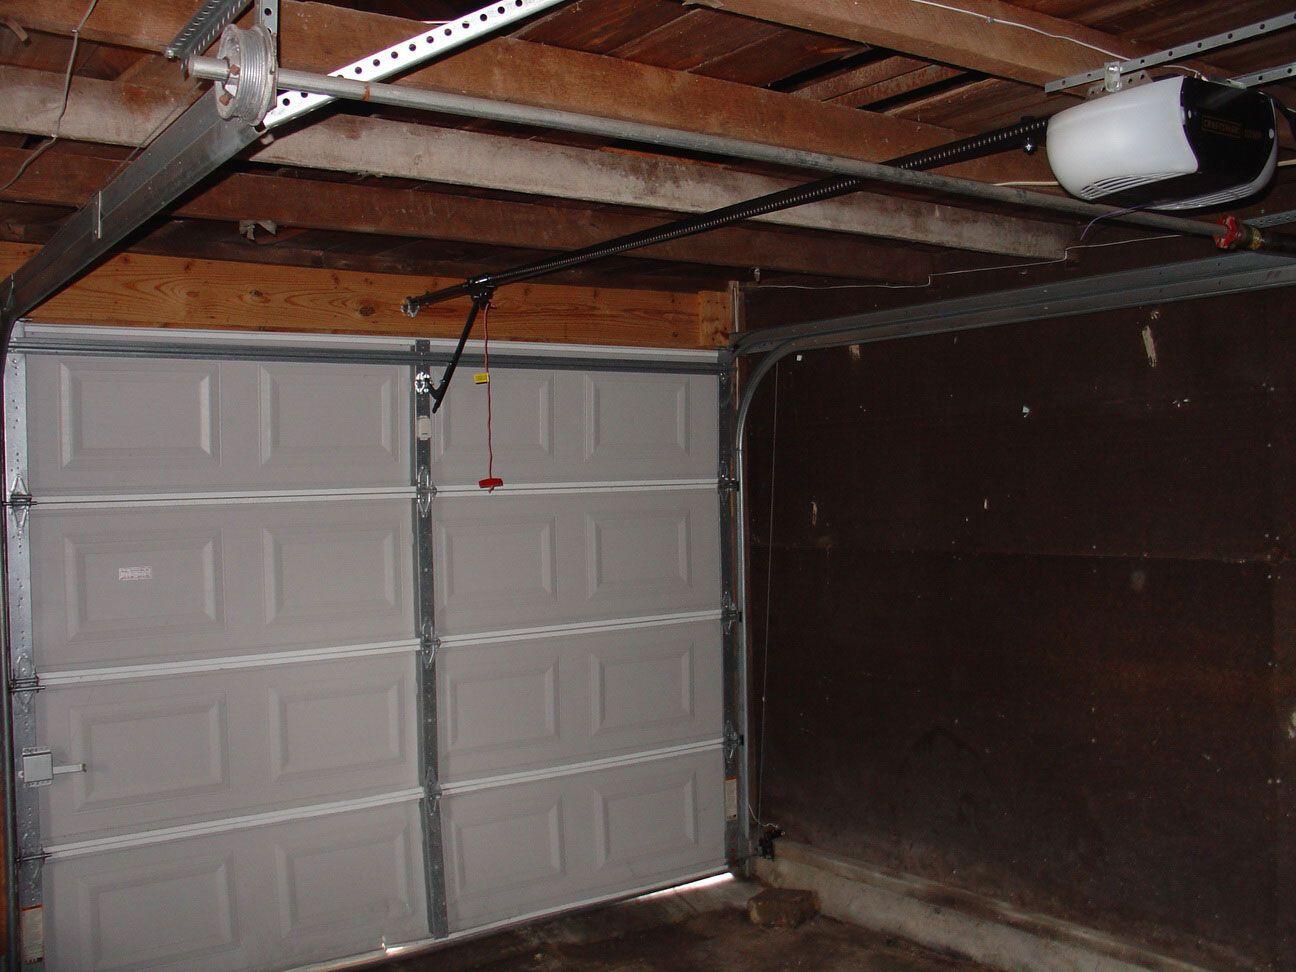 Installing Garage Door What To Keep In Mind Www Ramseal Com Garage Door Opener Installation Garage Door Torsion Spring Garage Door Installation